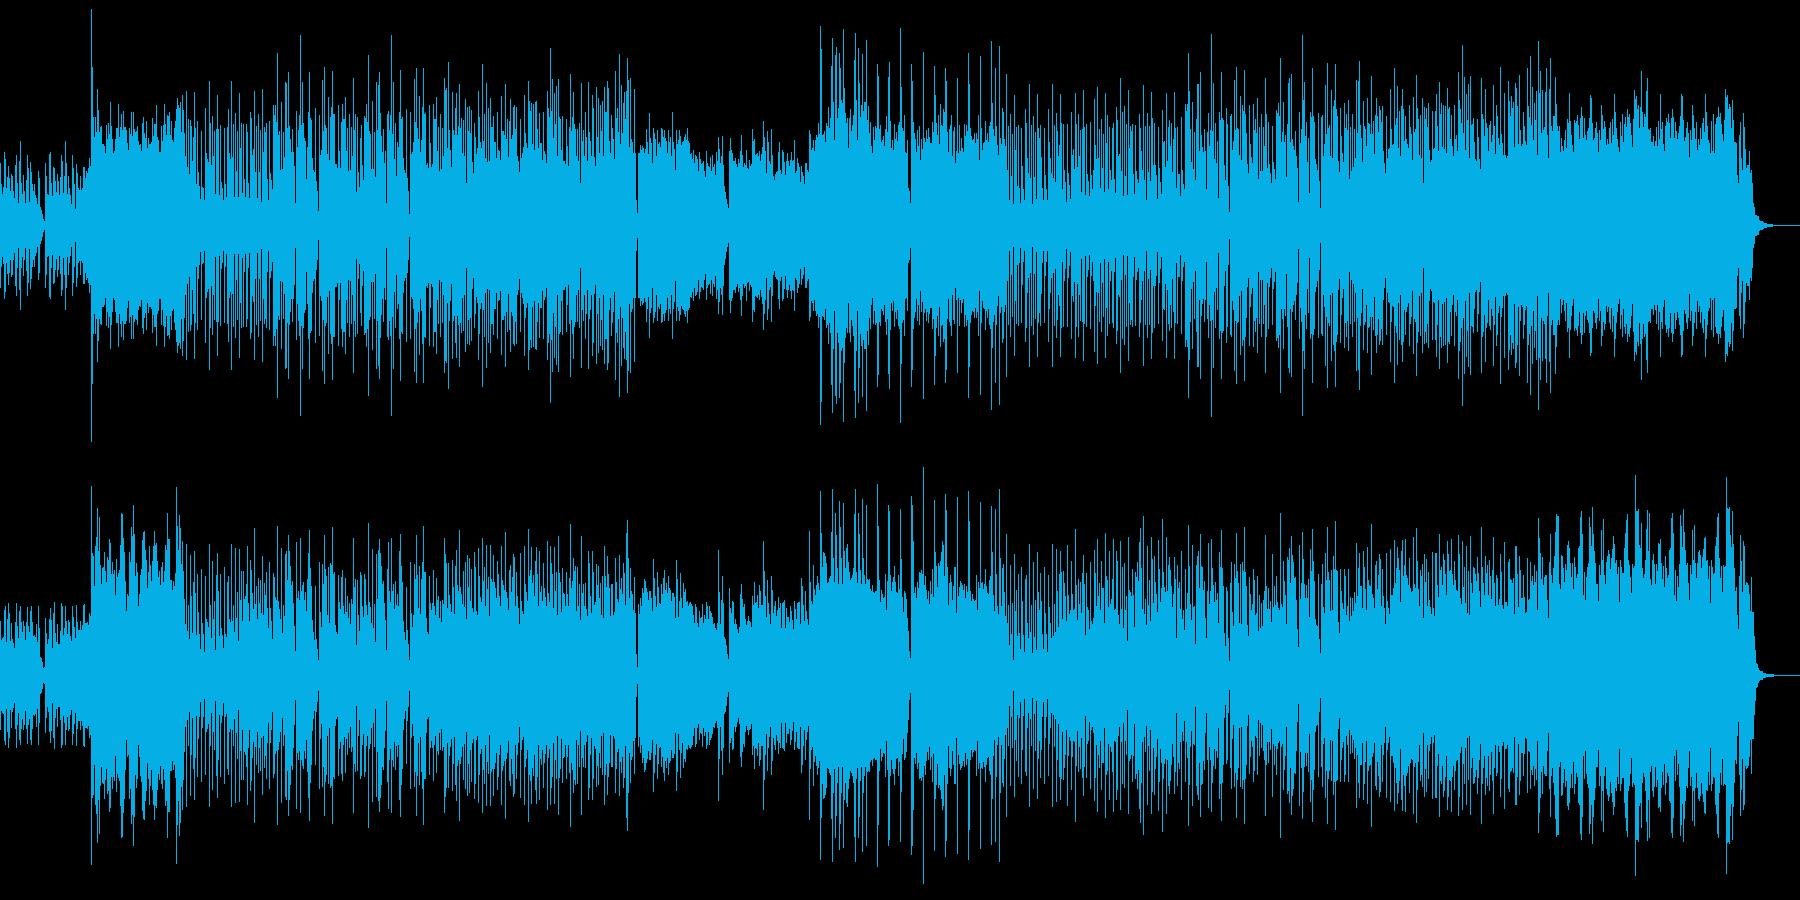 教会のような雰囲気の3拍子のハロウィン曲の再生済みの波形